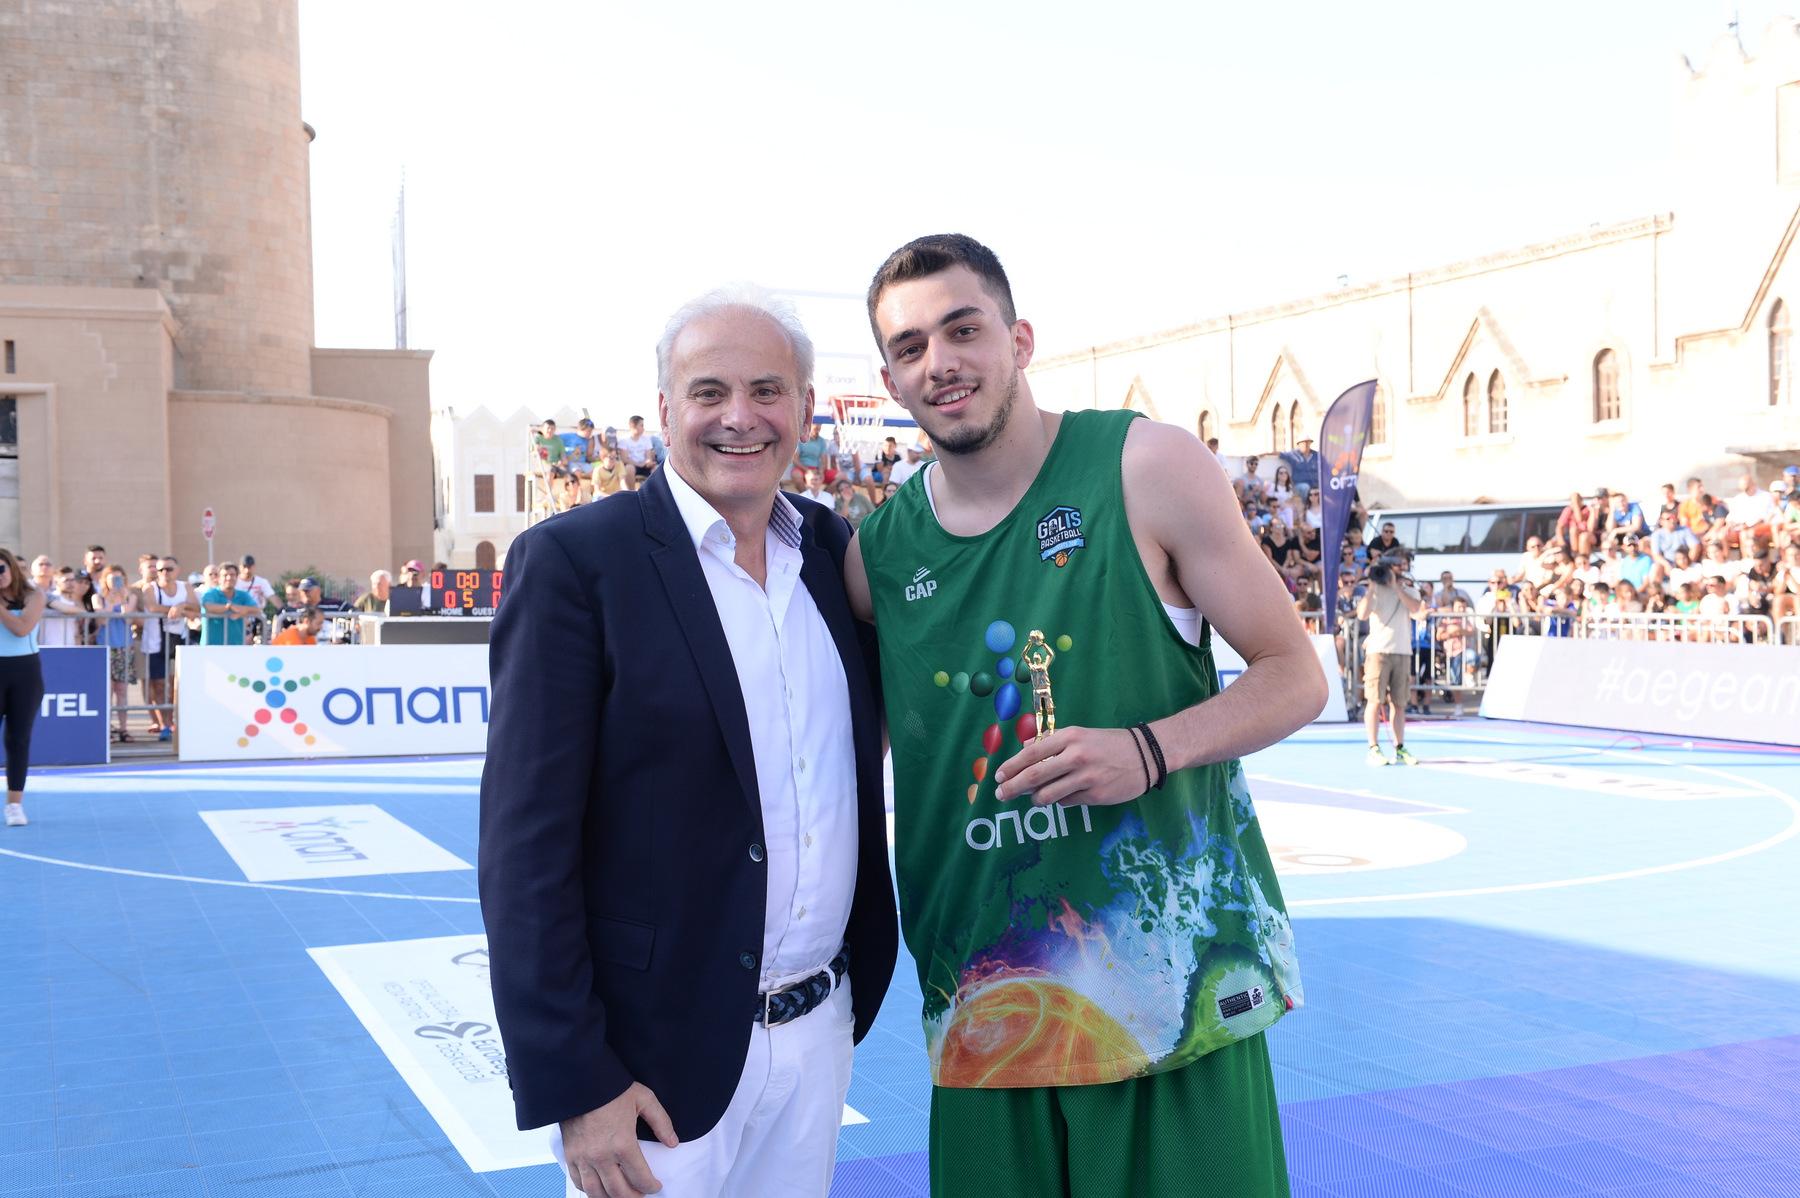 GalisBasketball 3on3: Δείτε πως ο Κωνσταντίνος Παπαδάκης θριάμβευσε στο διαγωνισμό τριπόντων! (video)